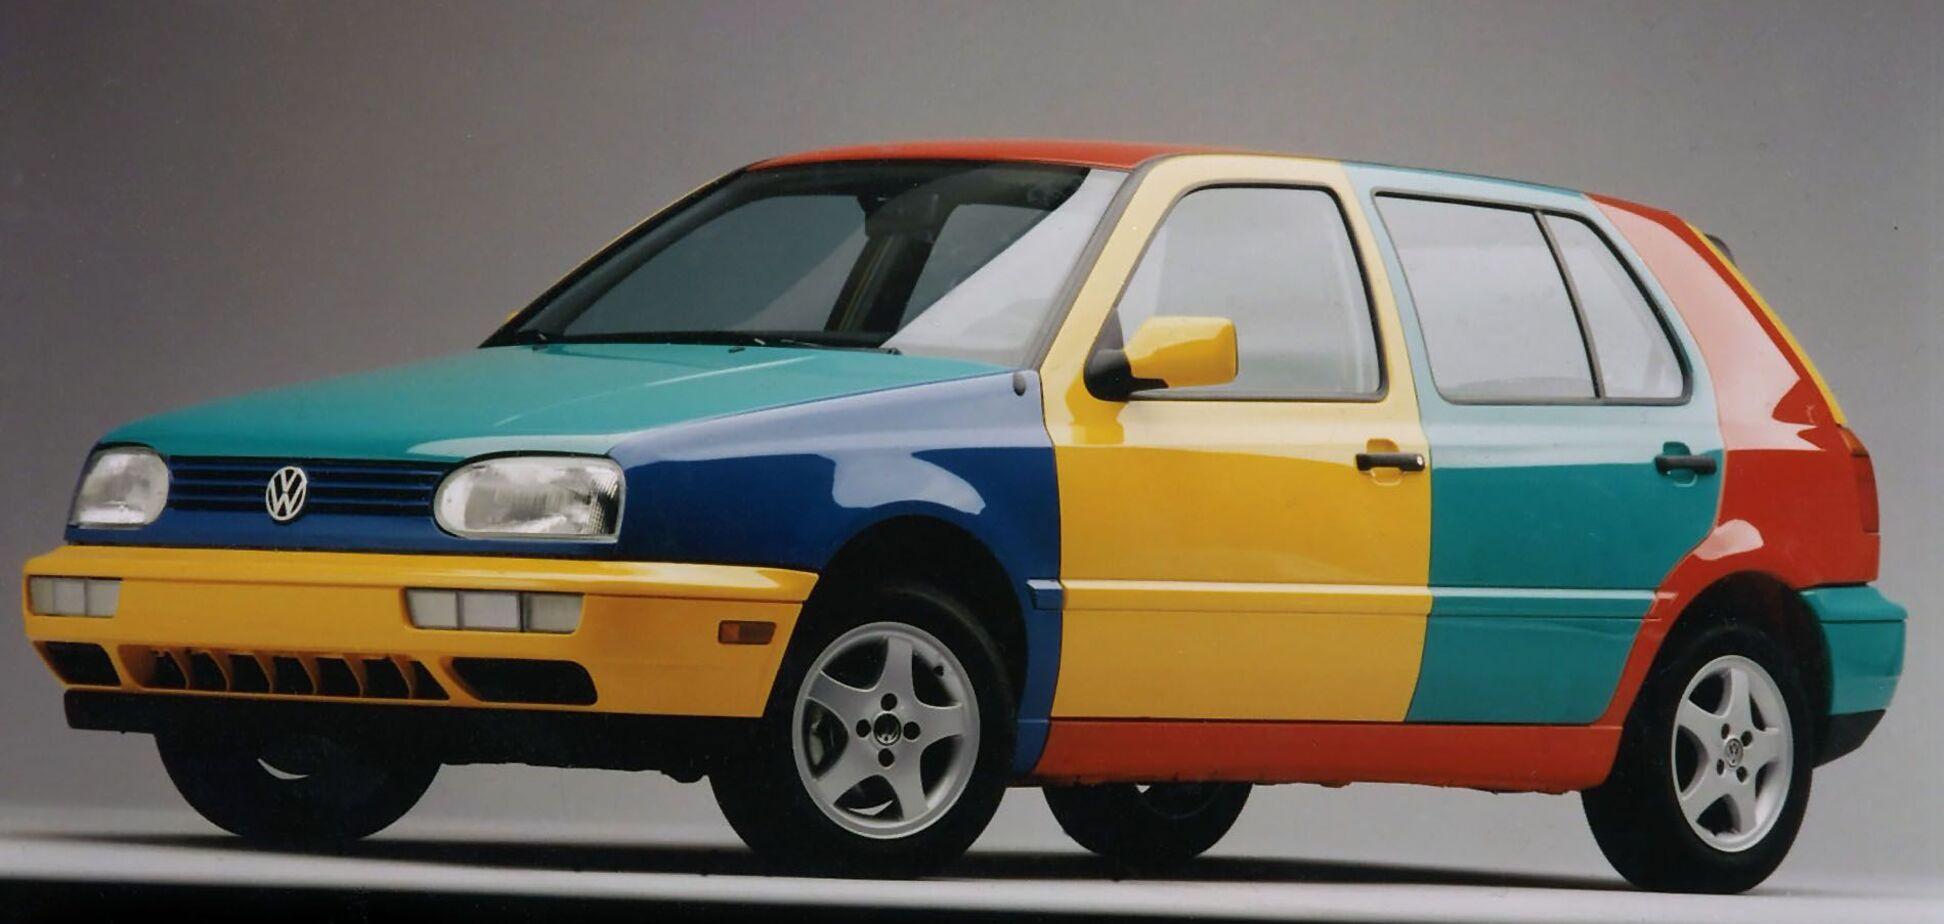 Визначено найпопулярніші кольори серед українських автолюбителів